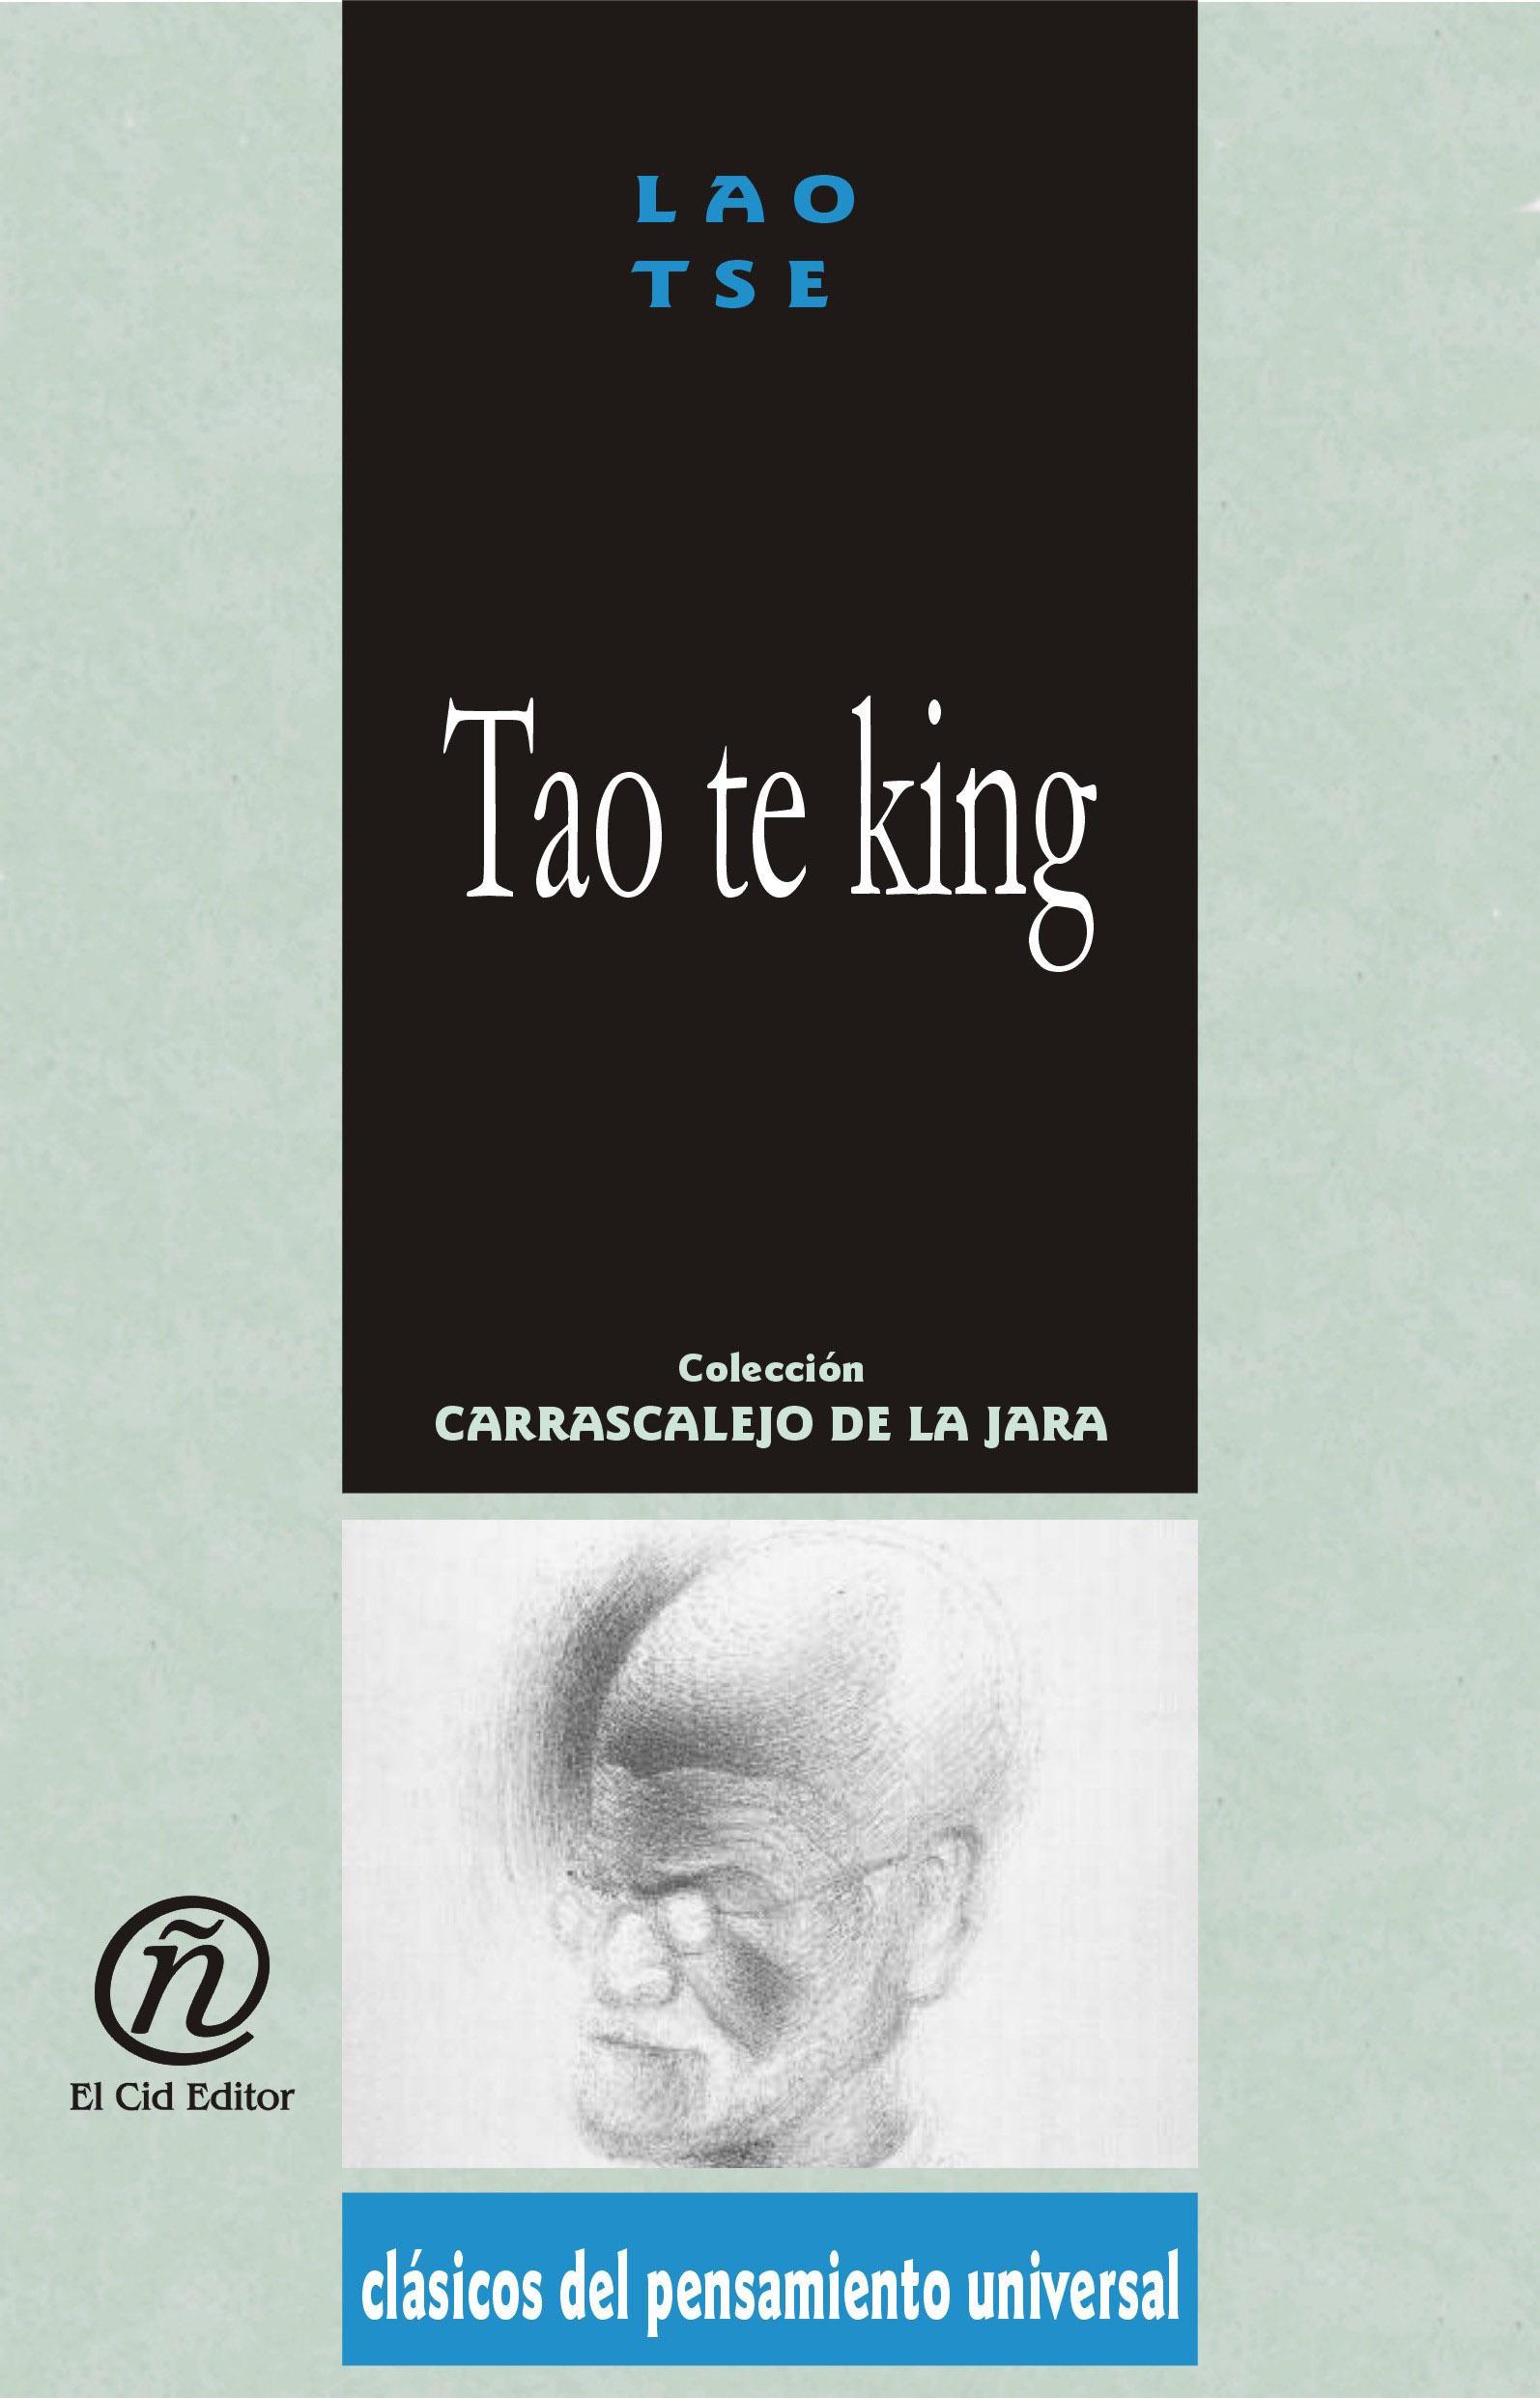 Tao te king: Colecci?n de Cl?sicos del Pensamiento Universal